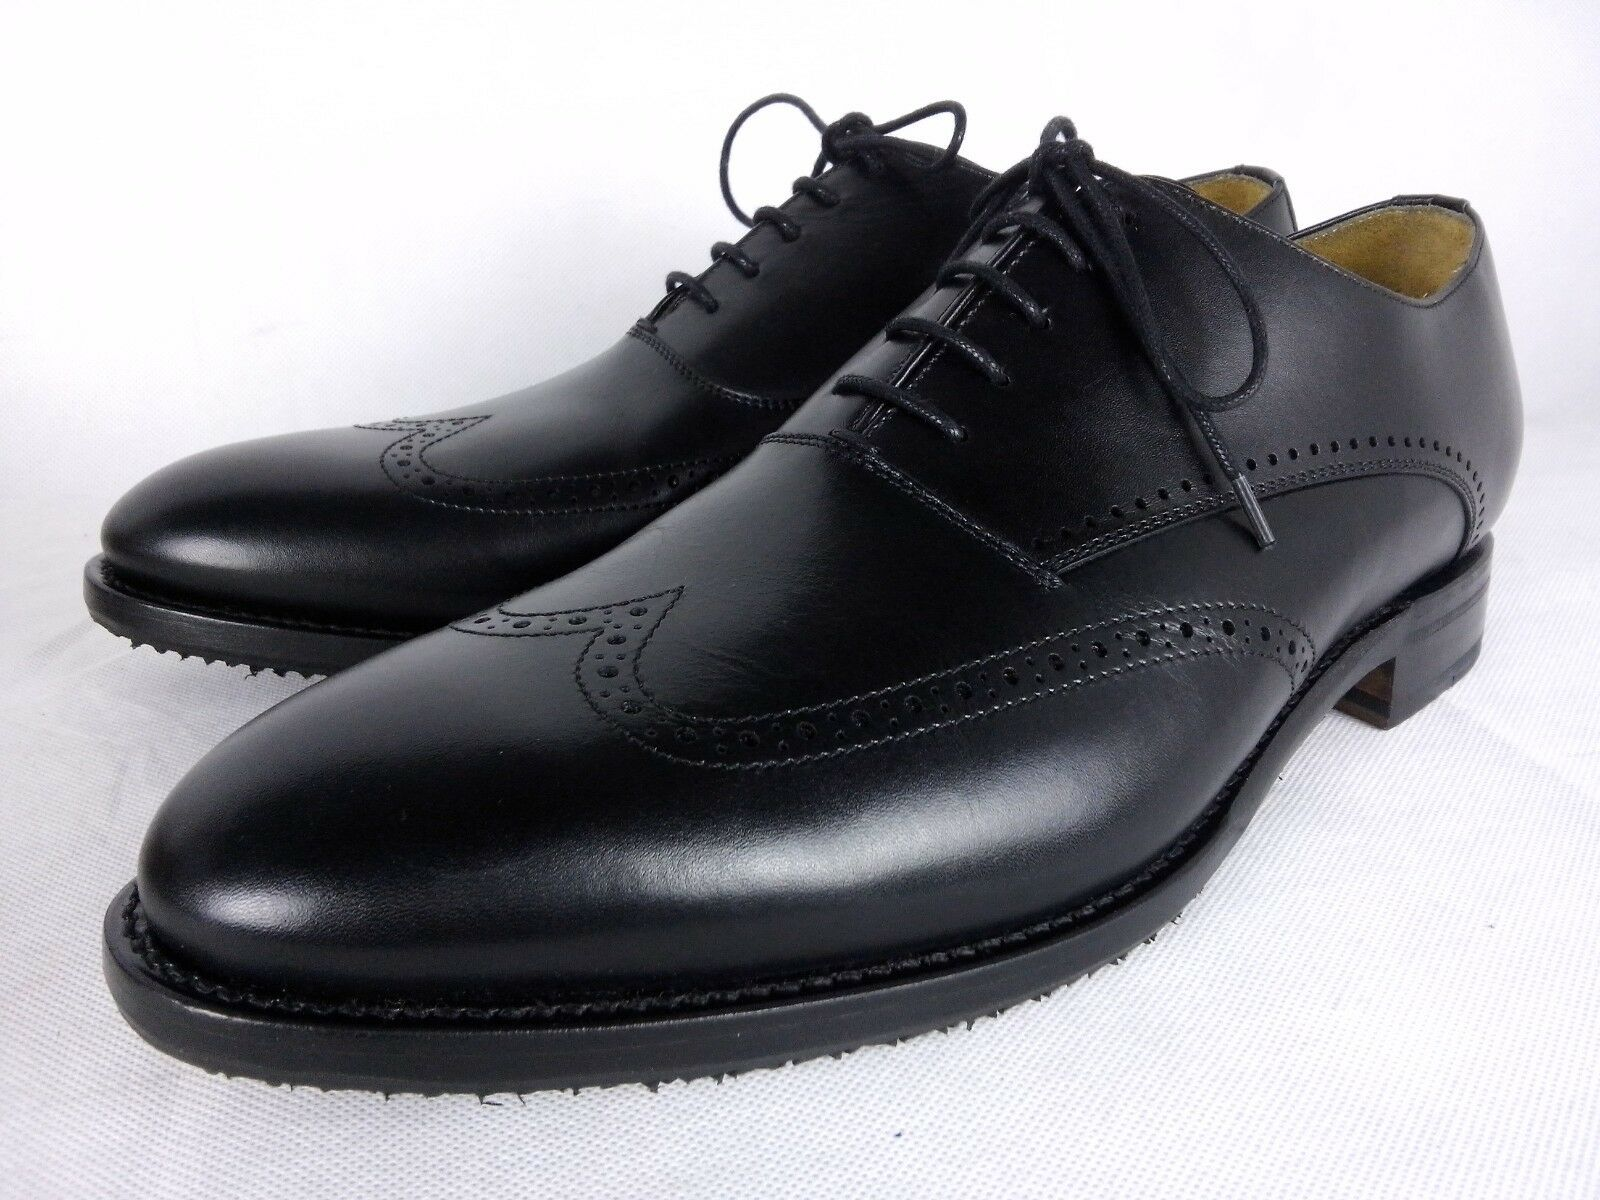 Berwick 1707 nero Boxcalf Brogue Winter Grip Oxford  scarpe UK 9.5 EU 43.5 loake  prodotti creativi